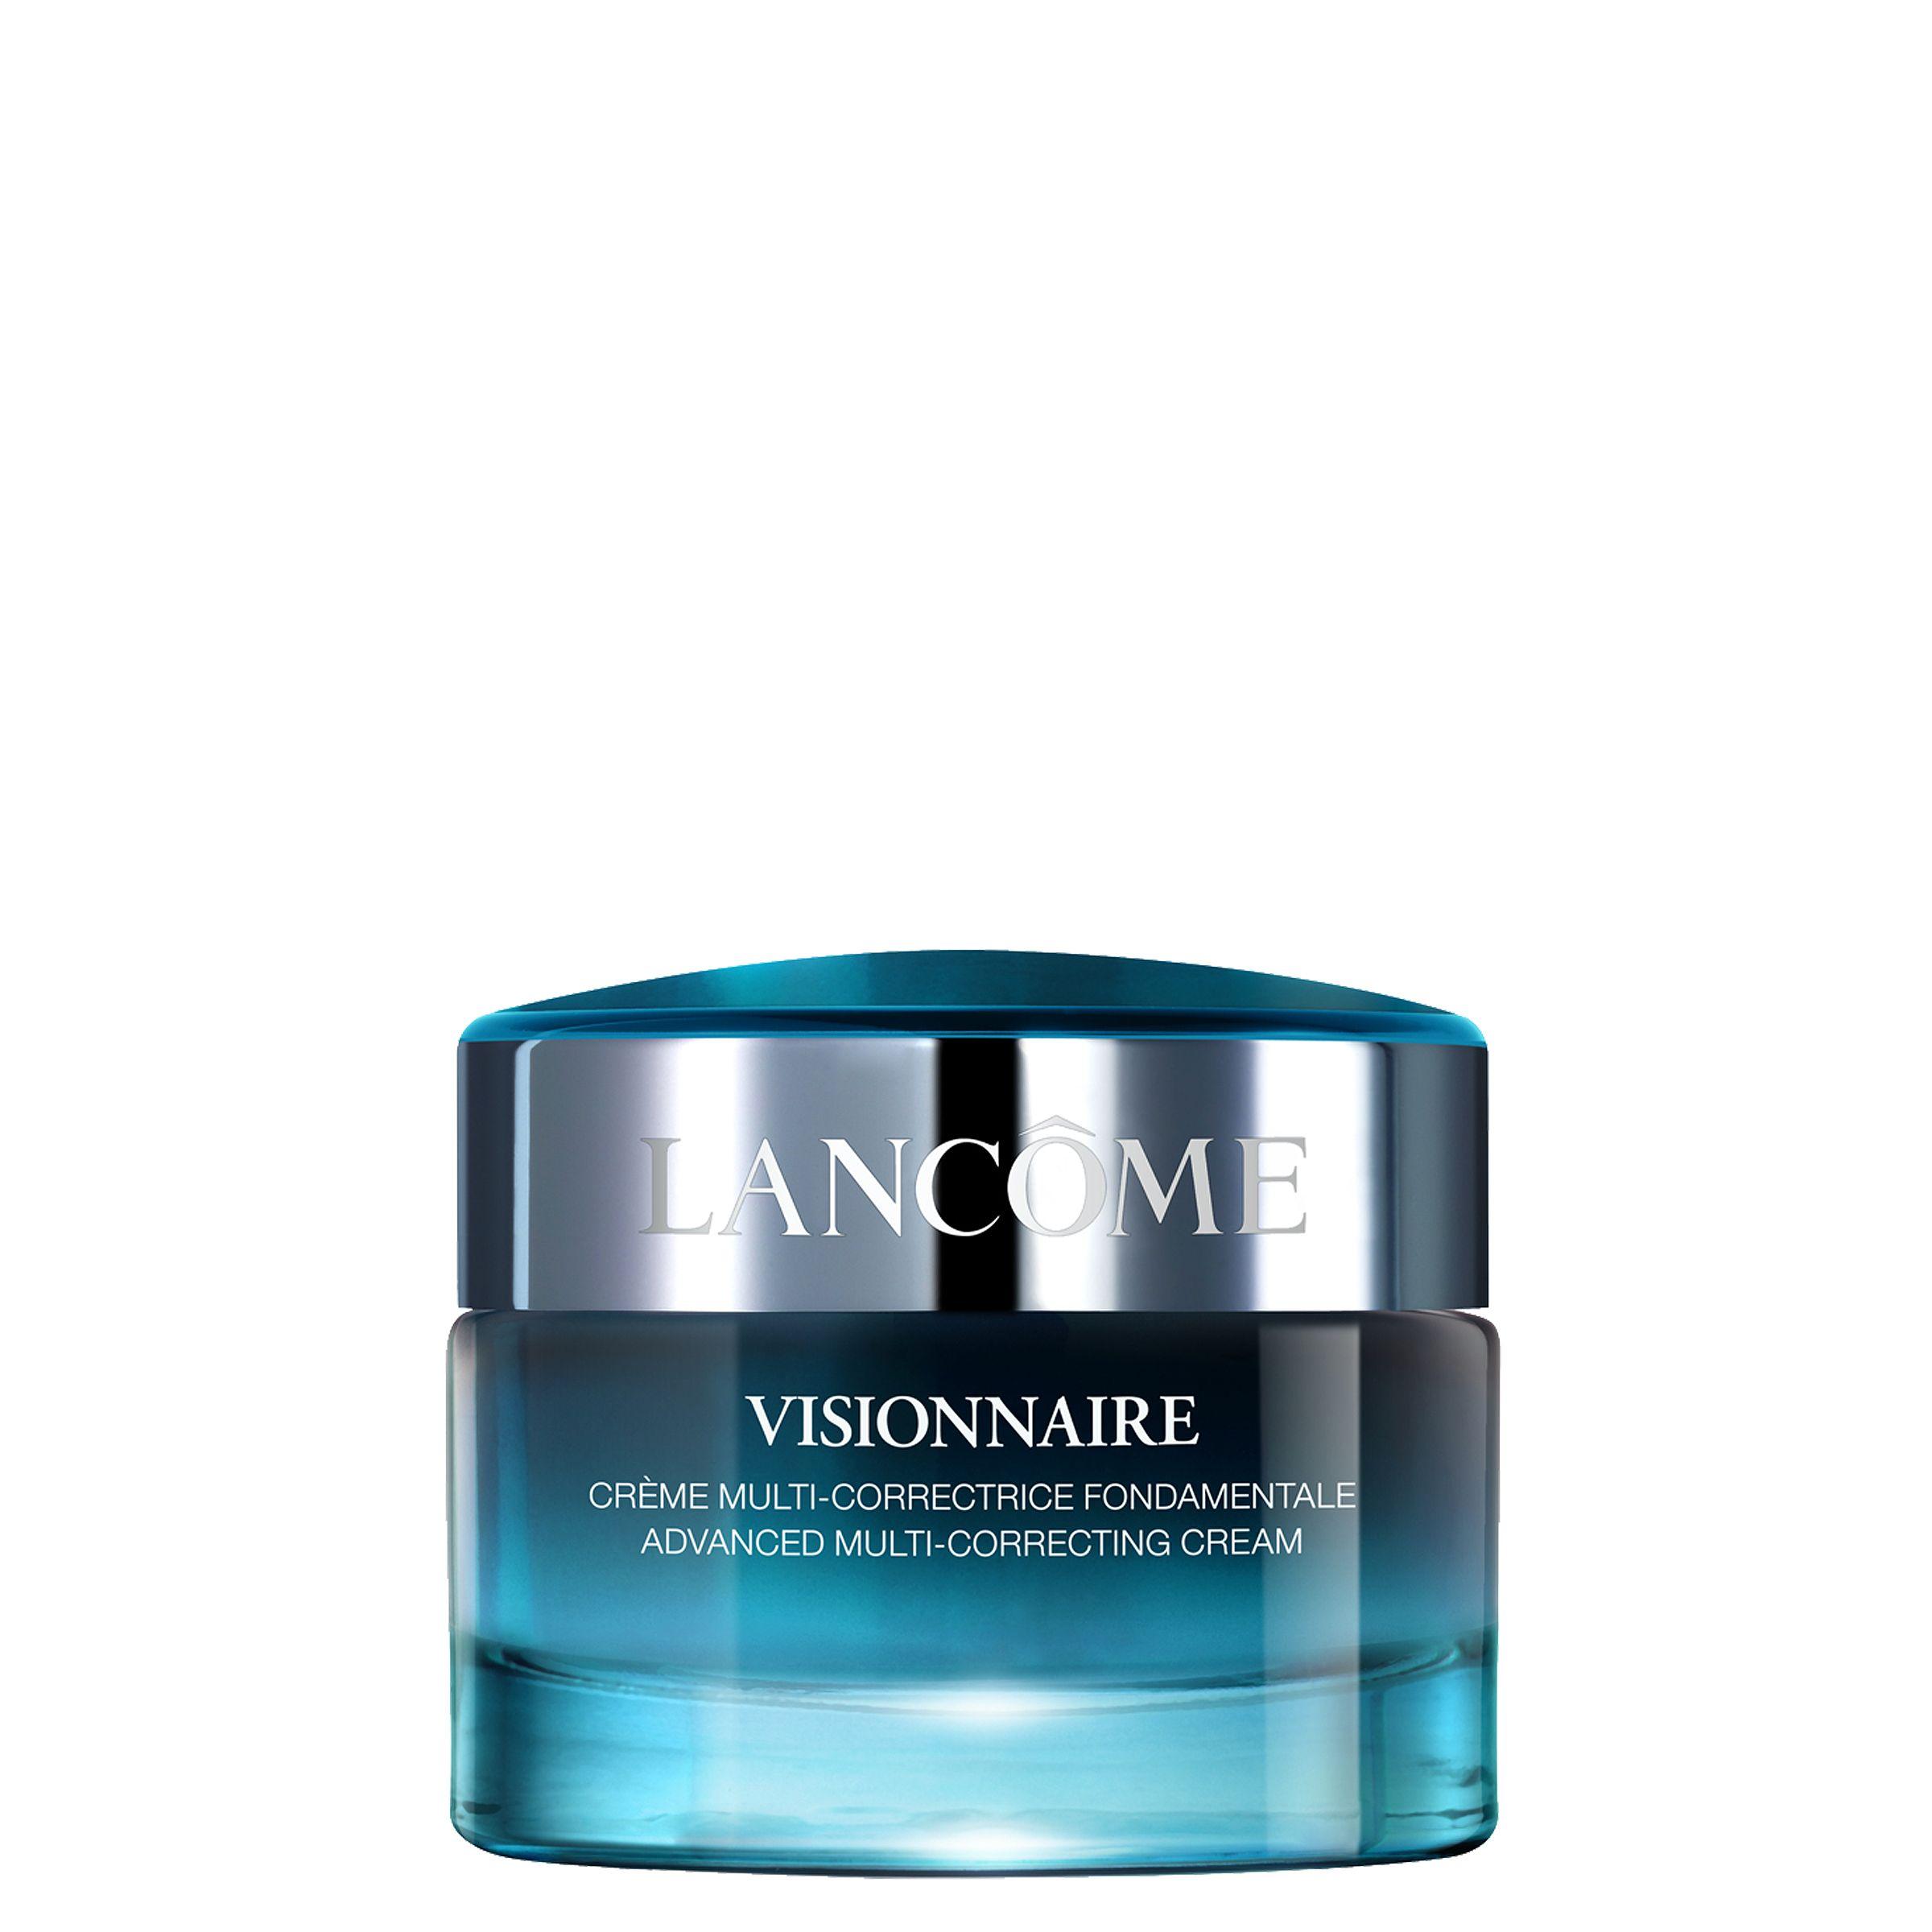 Skincare Regimen Module Pdp Moisturizer Cream Lancome Moisturizer